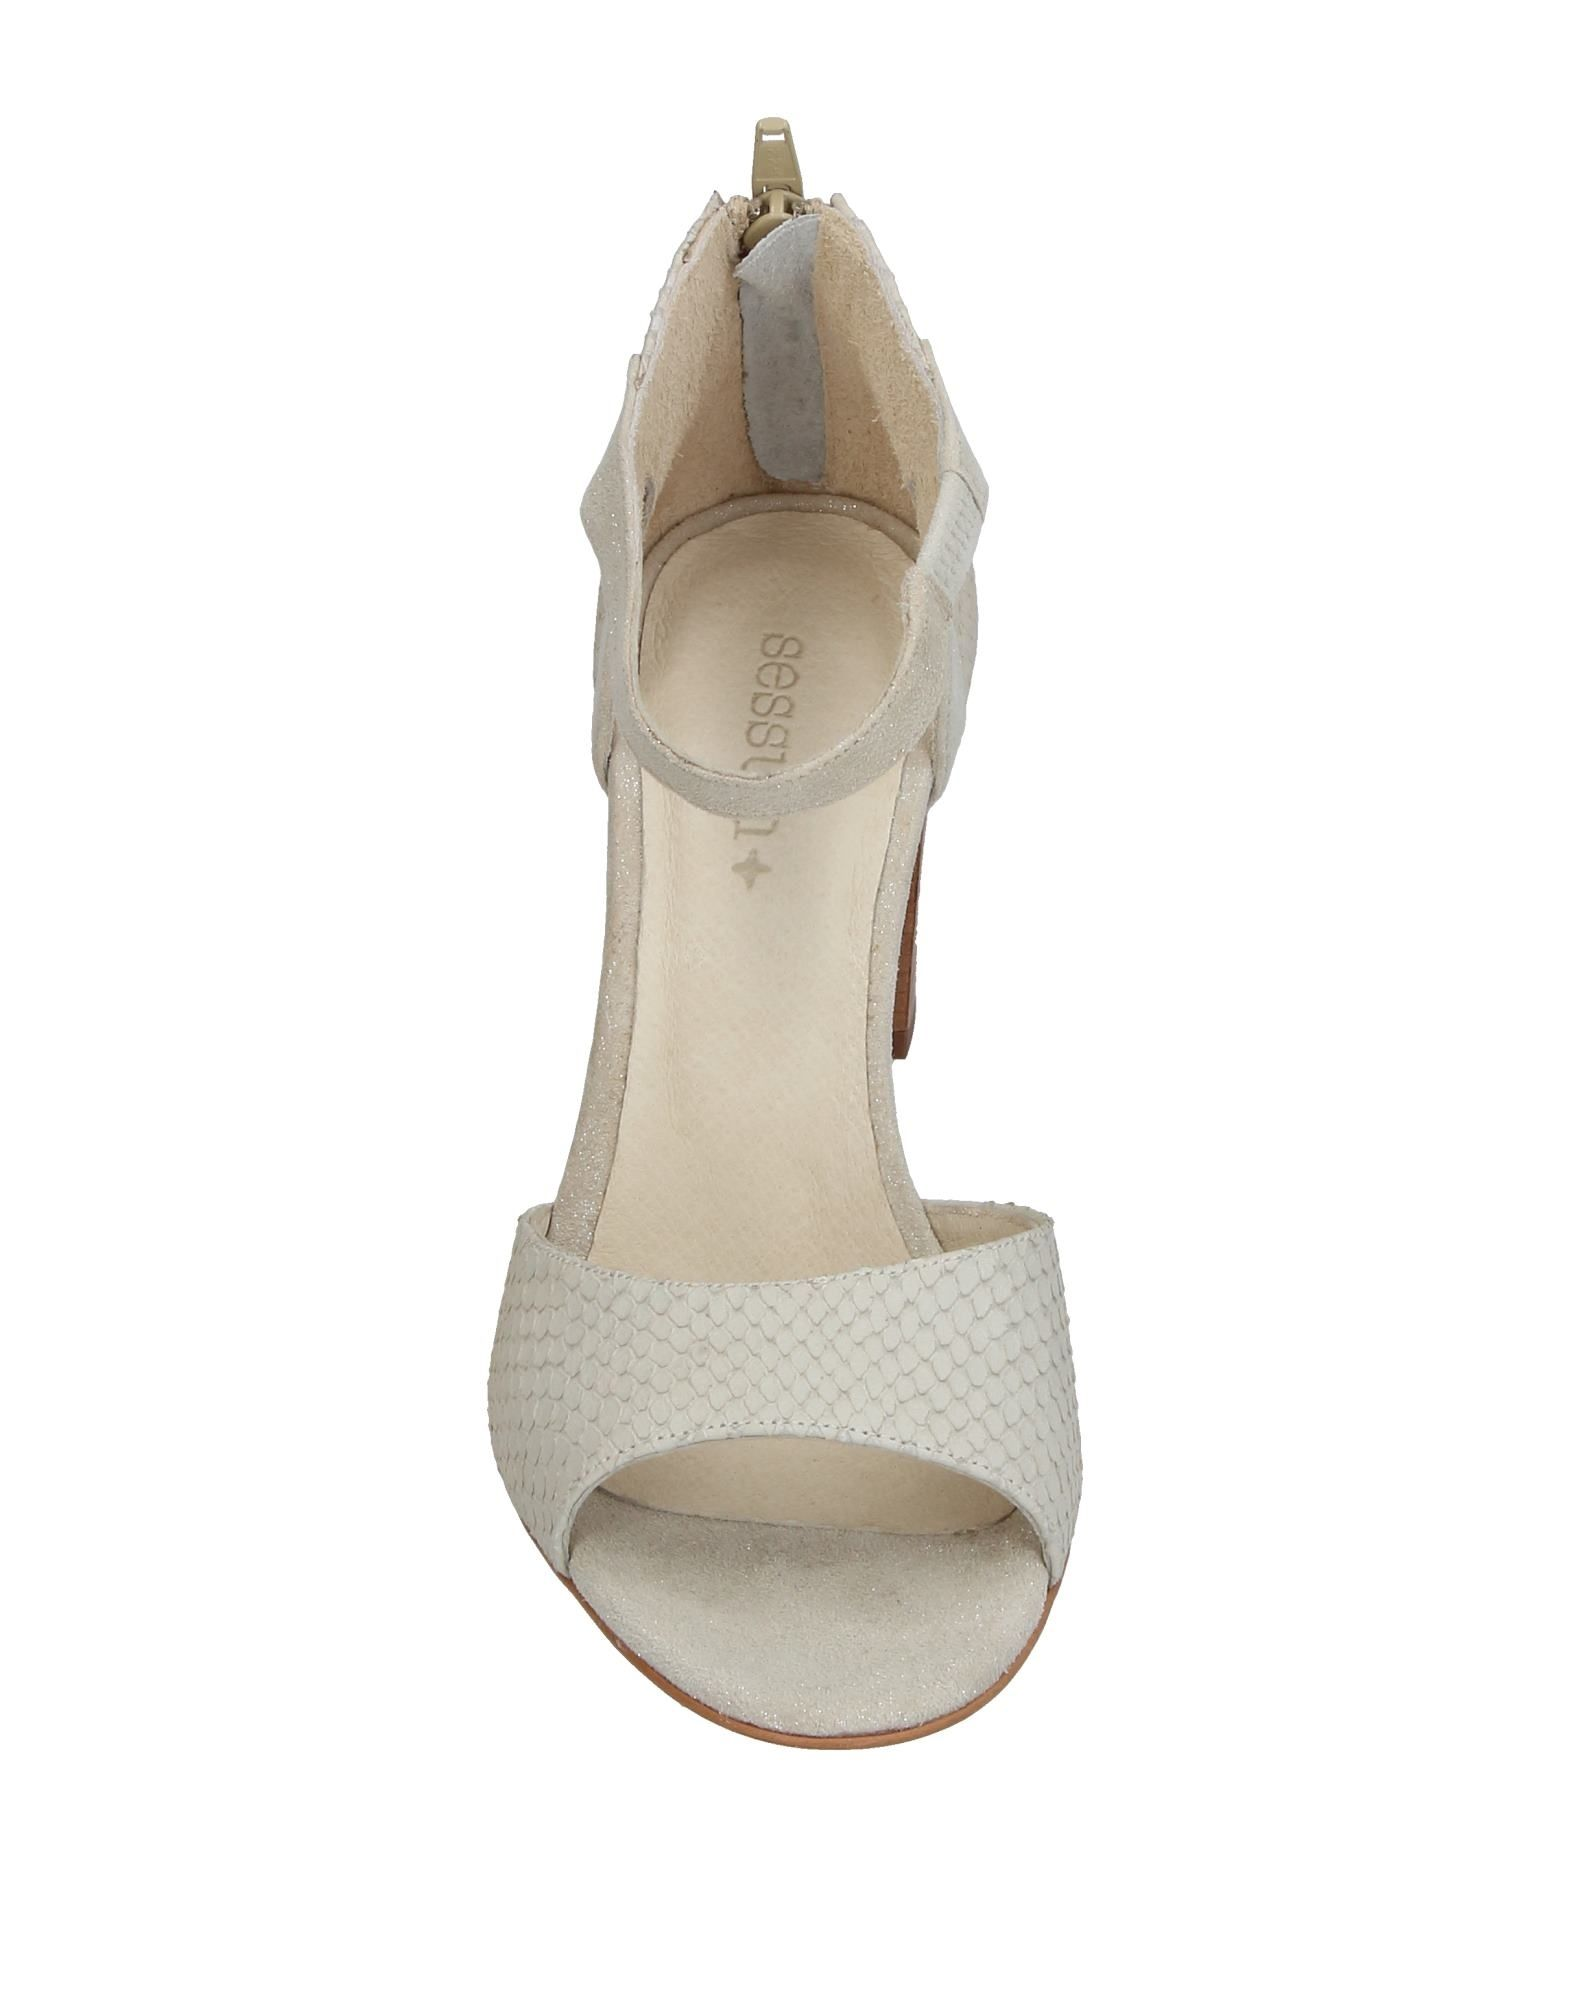 Sessun Sessun Sessun Sandalen Damen  11404572XJ Gute Qualität beliebte Schuhe 223dd5